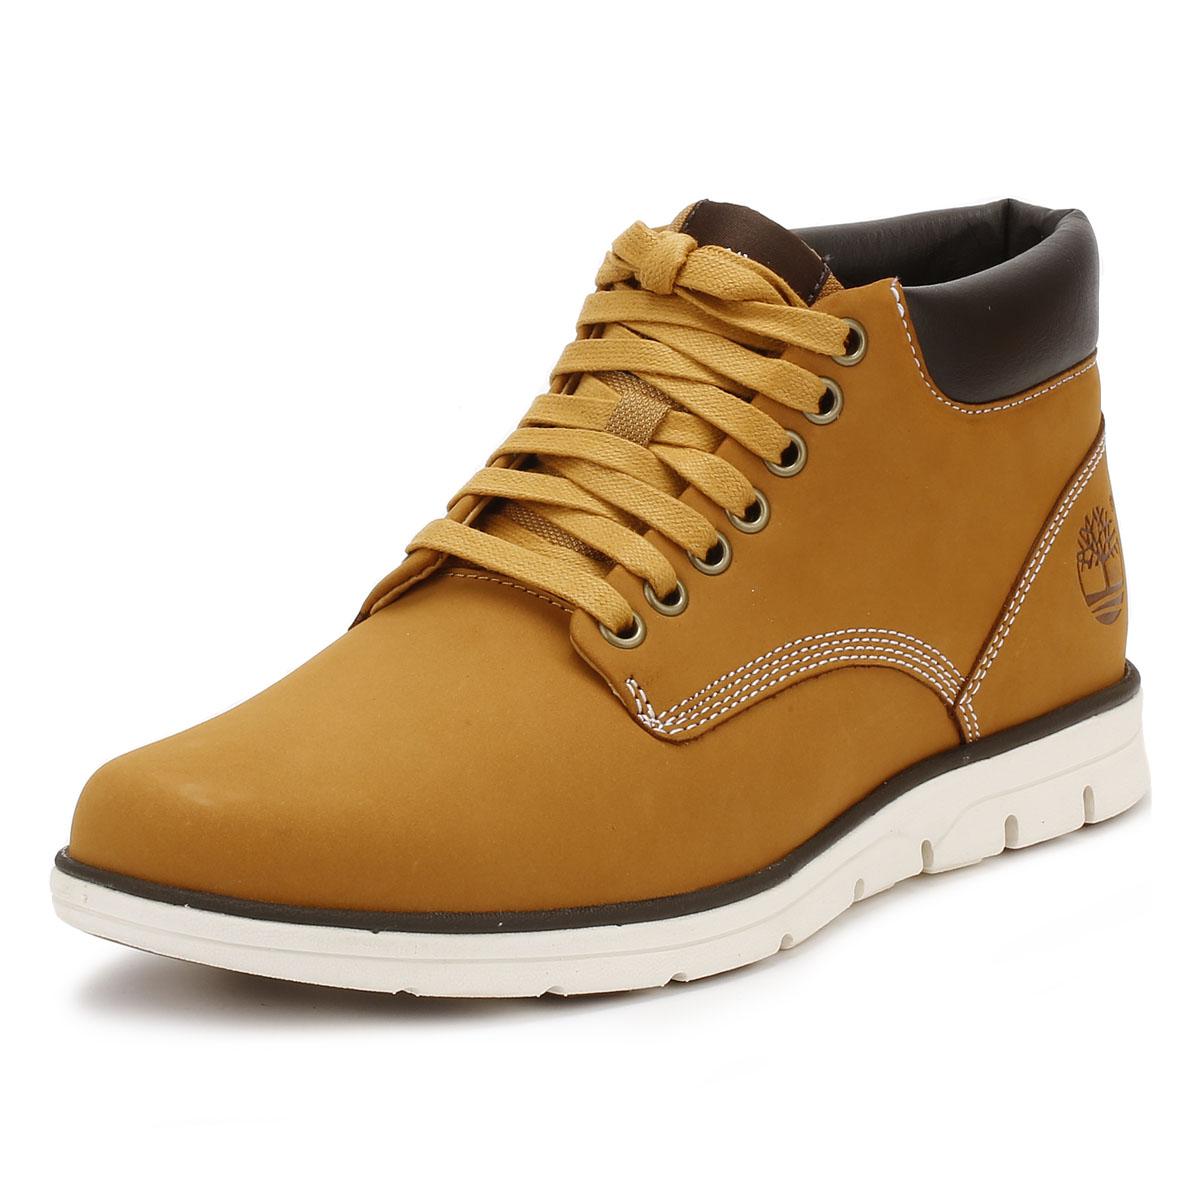 Détails sur Timberlands homme chukka bottes blé jaune Bradstreet en cuir à lacets chaussures afficher le titre d'origine